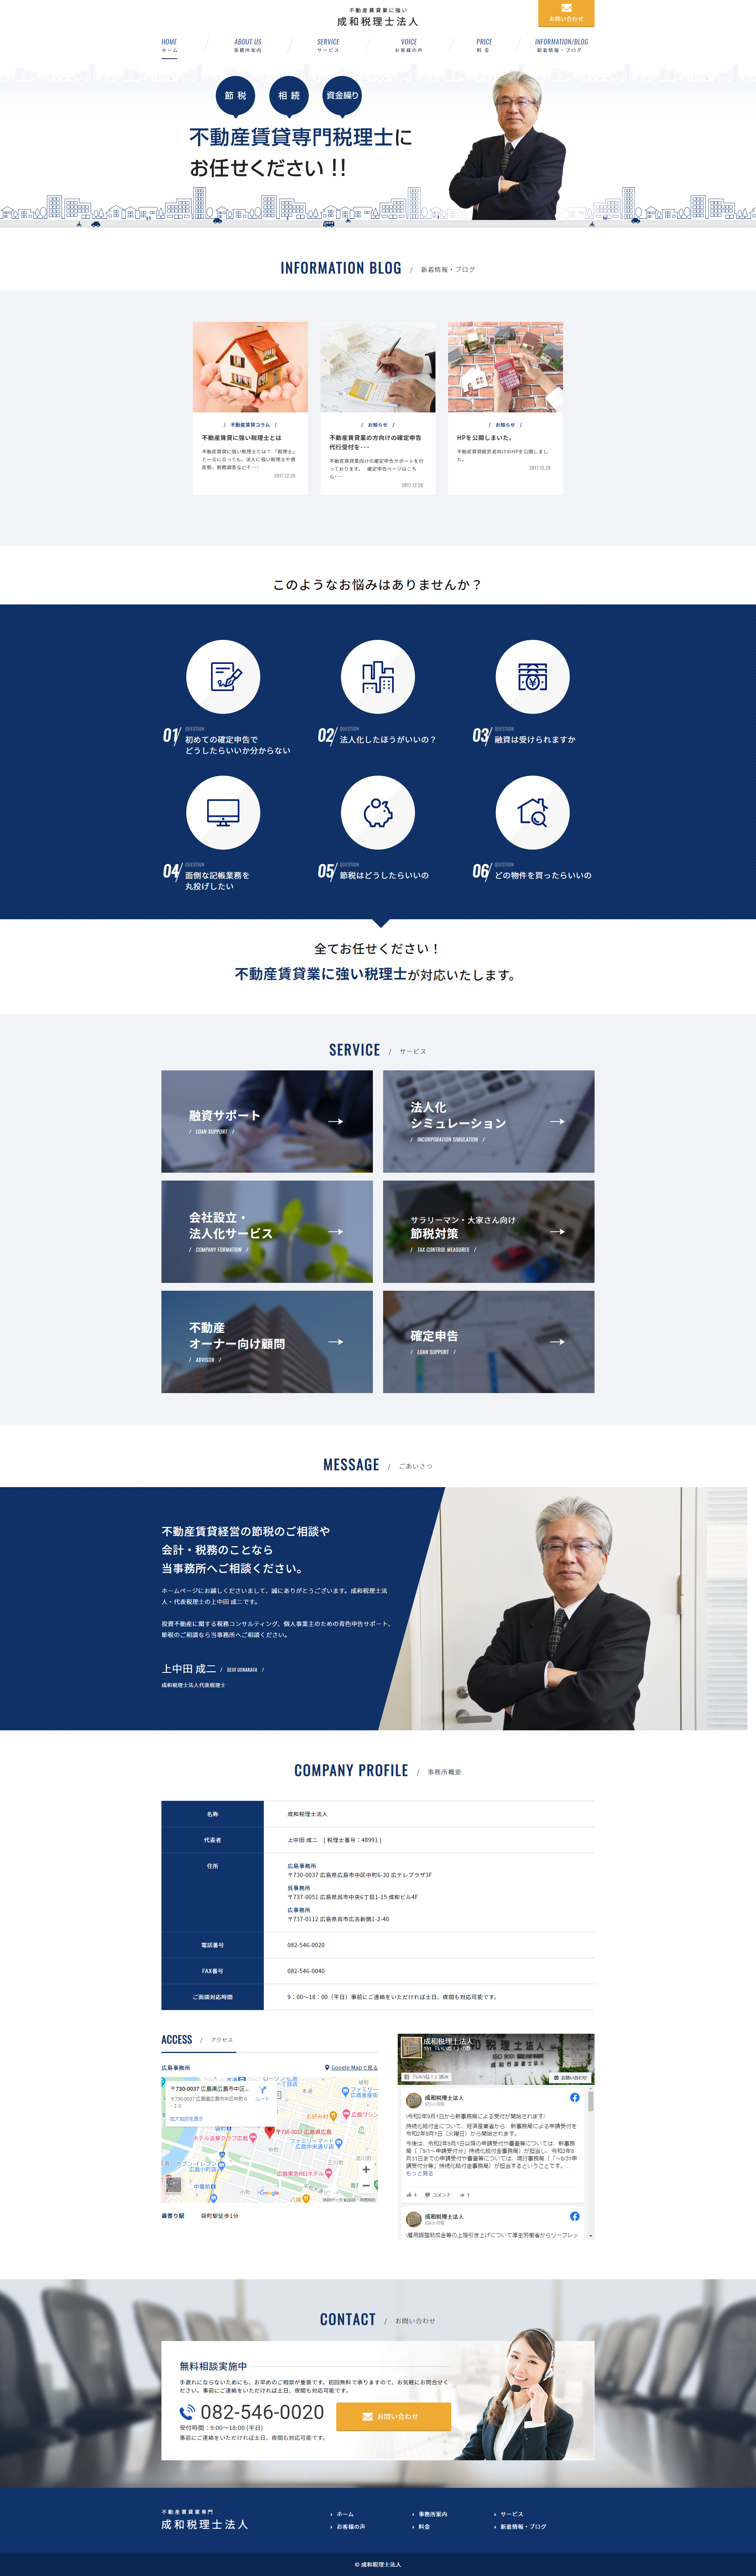 広島県 成和税理士法人